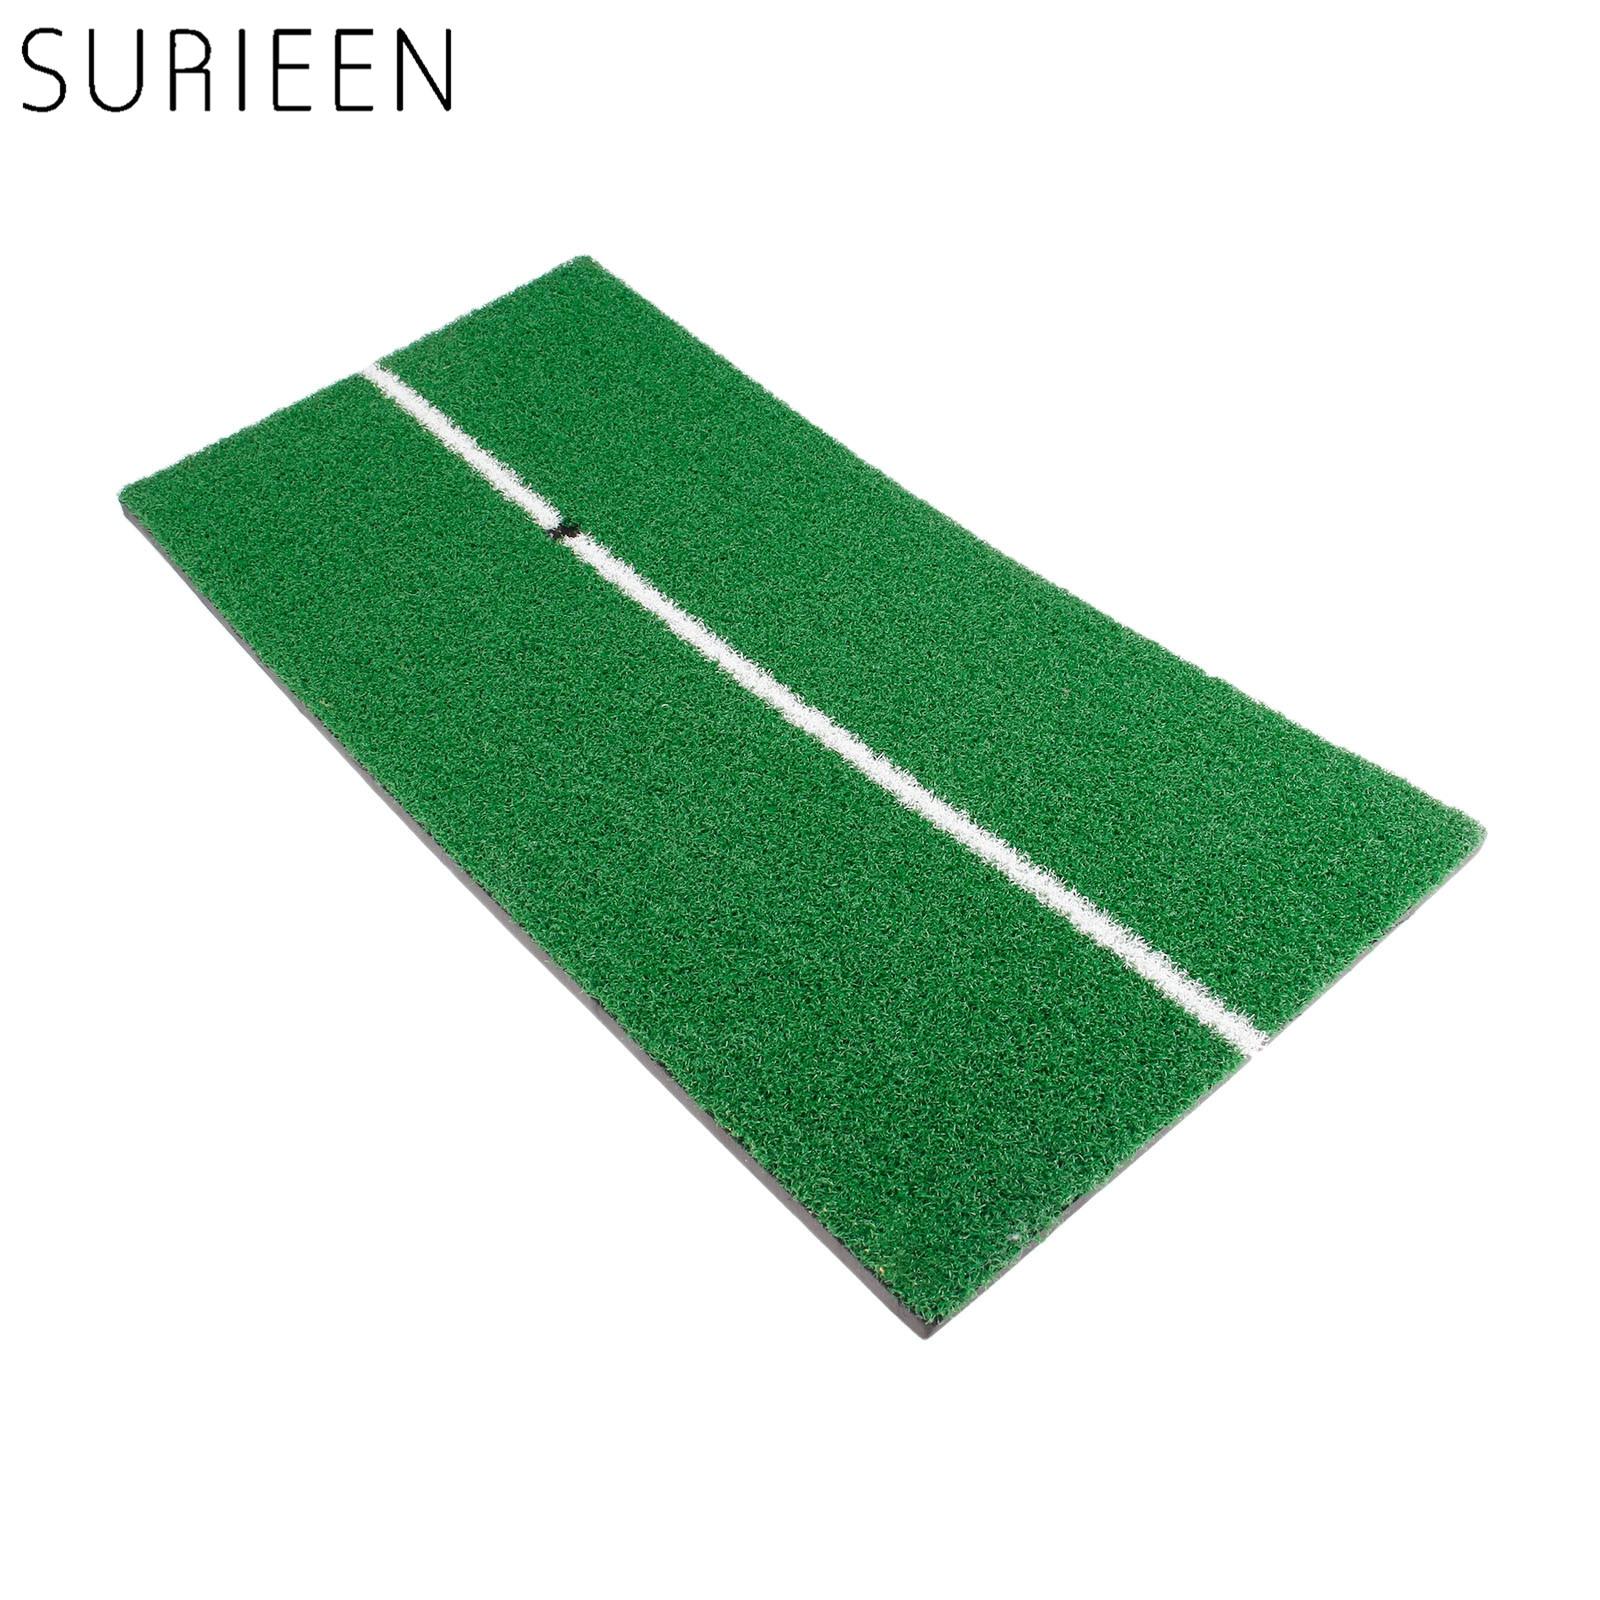 SURIEEN Golf Mat 60x30cm/12